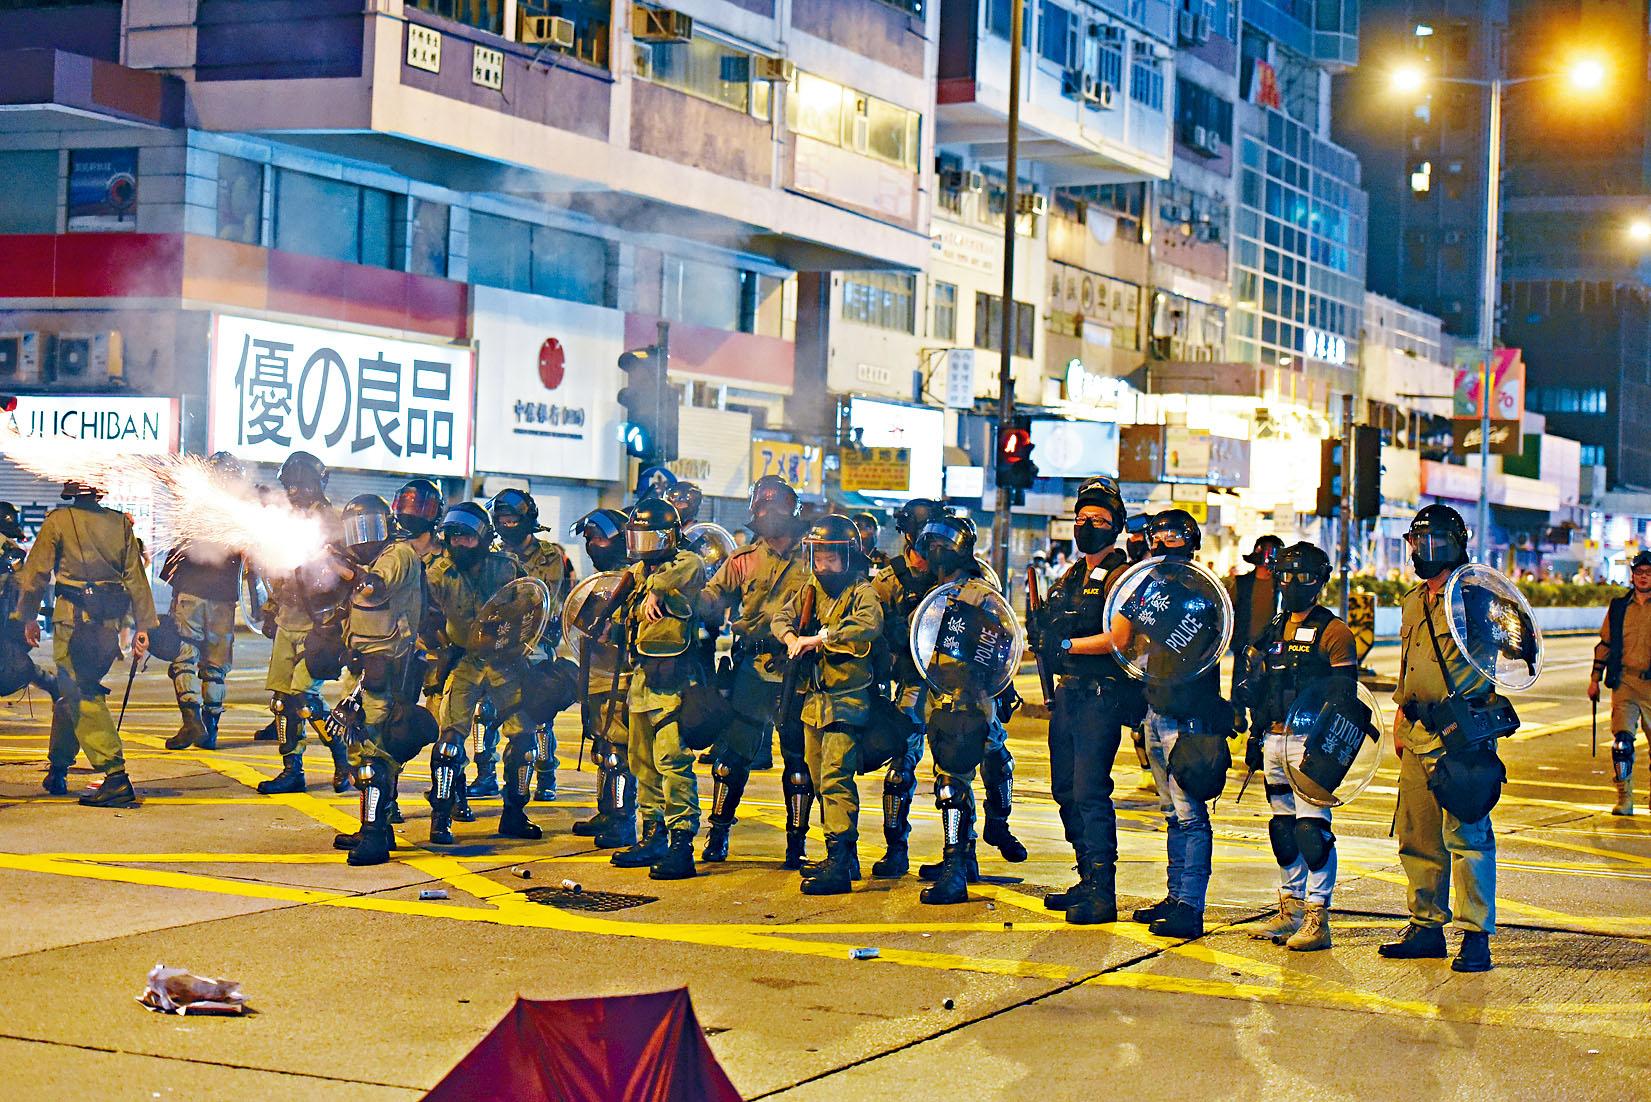 防暴警發射催淚彈,驅散激進示威者。黃文威攝